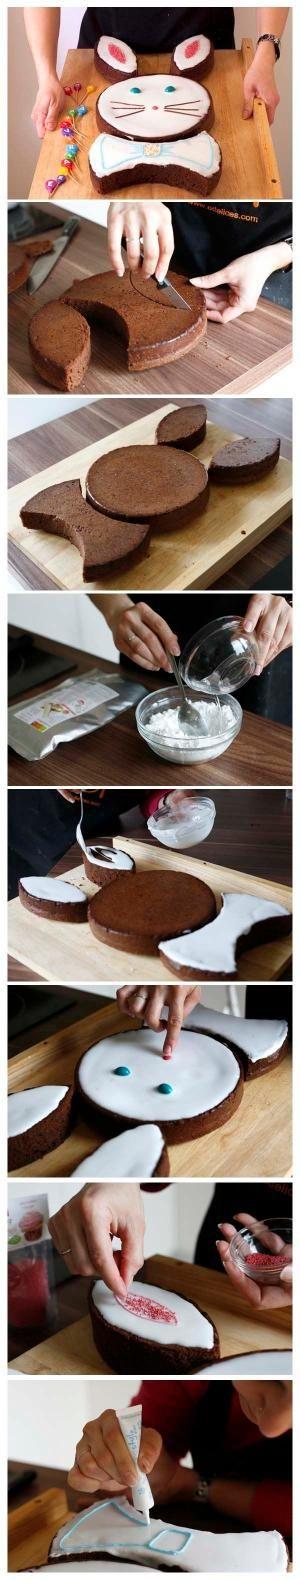 Gâteau Lapin de Pâques au chocolat - DIY - Tutoriel photo technique étapes en pas à pas - Recettes de cuisine Ôdélices by loretta